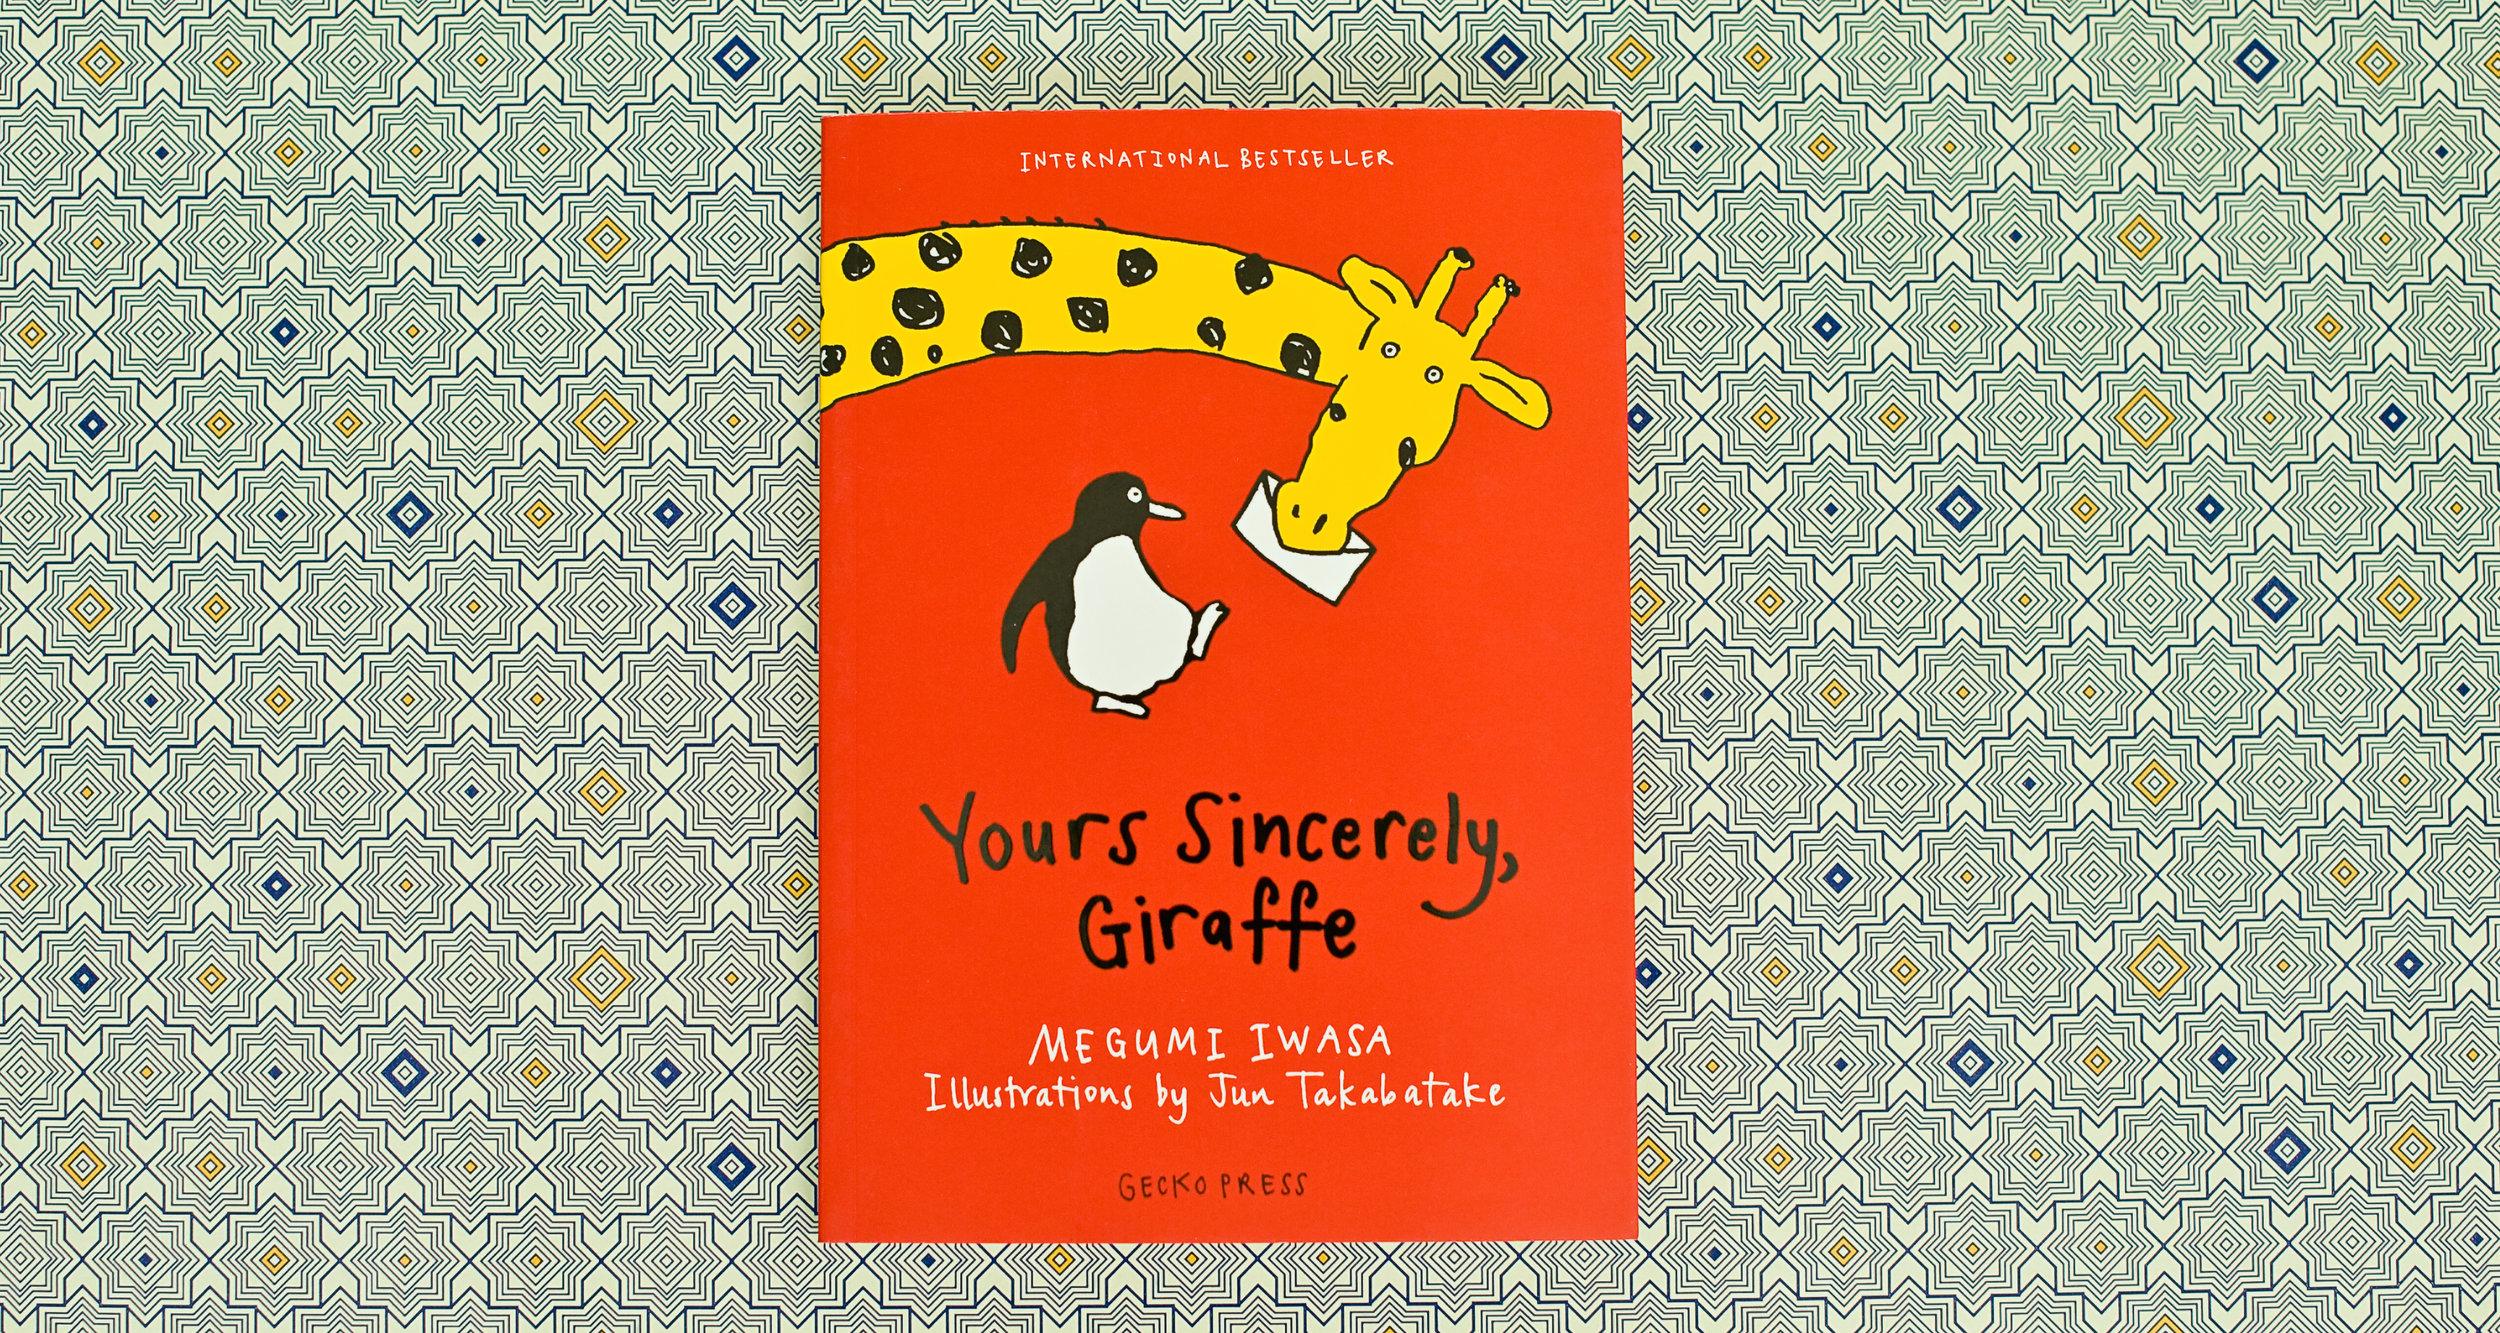 Sincerely giraffe.jpg